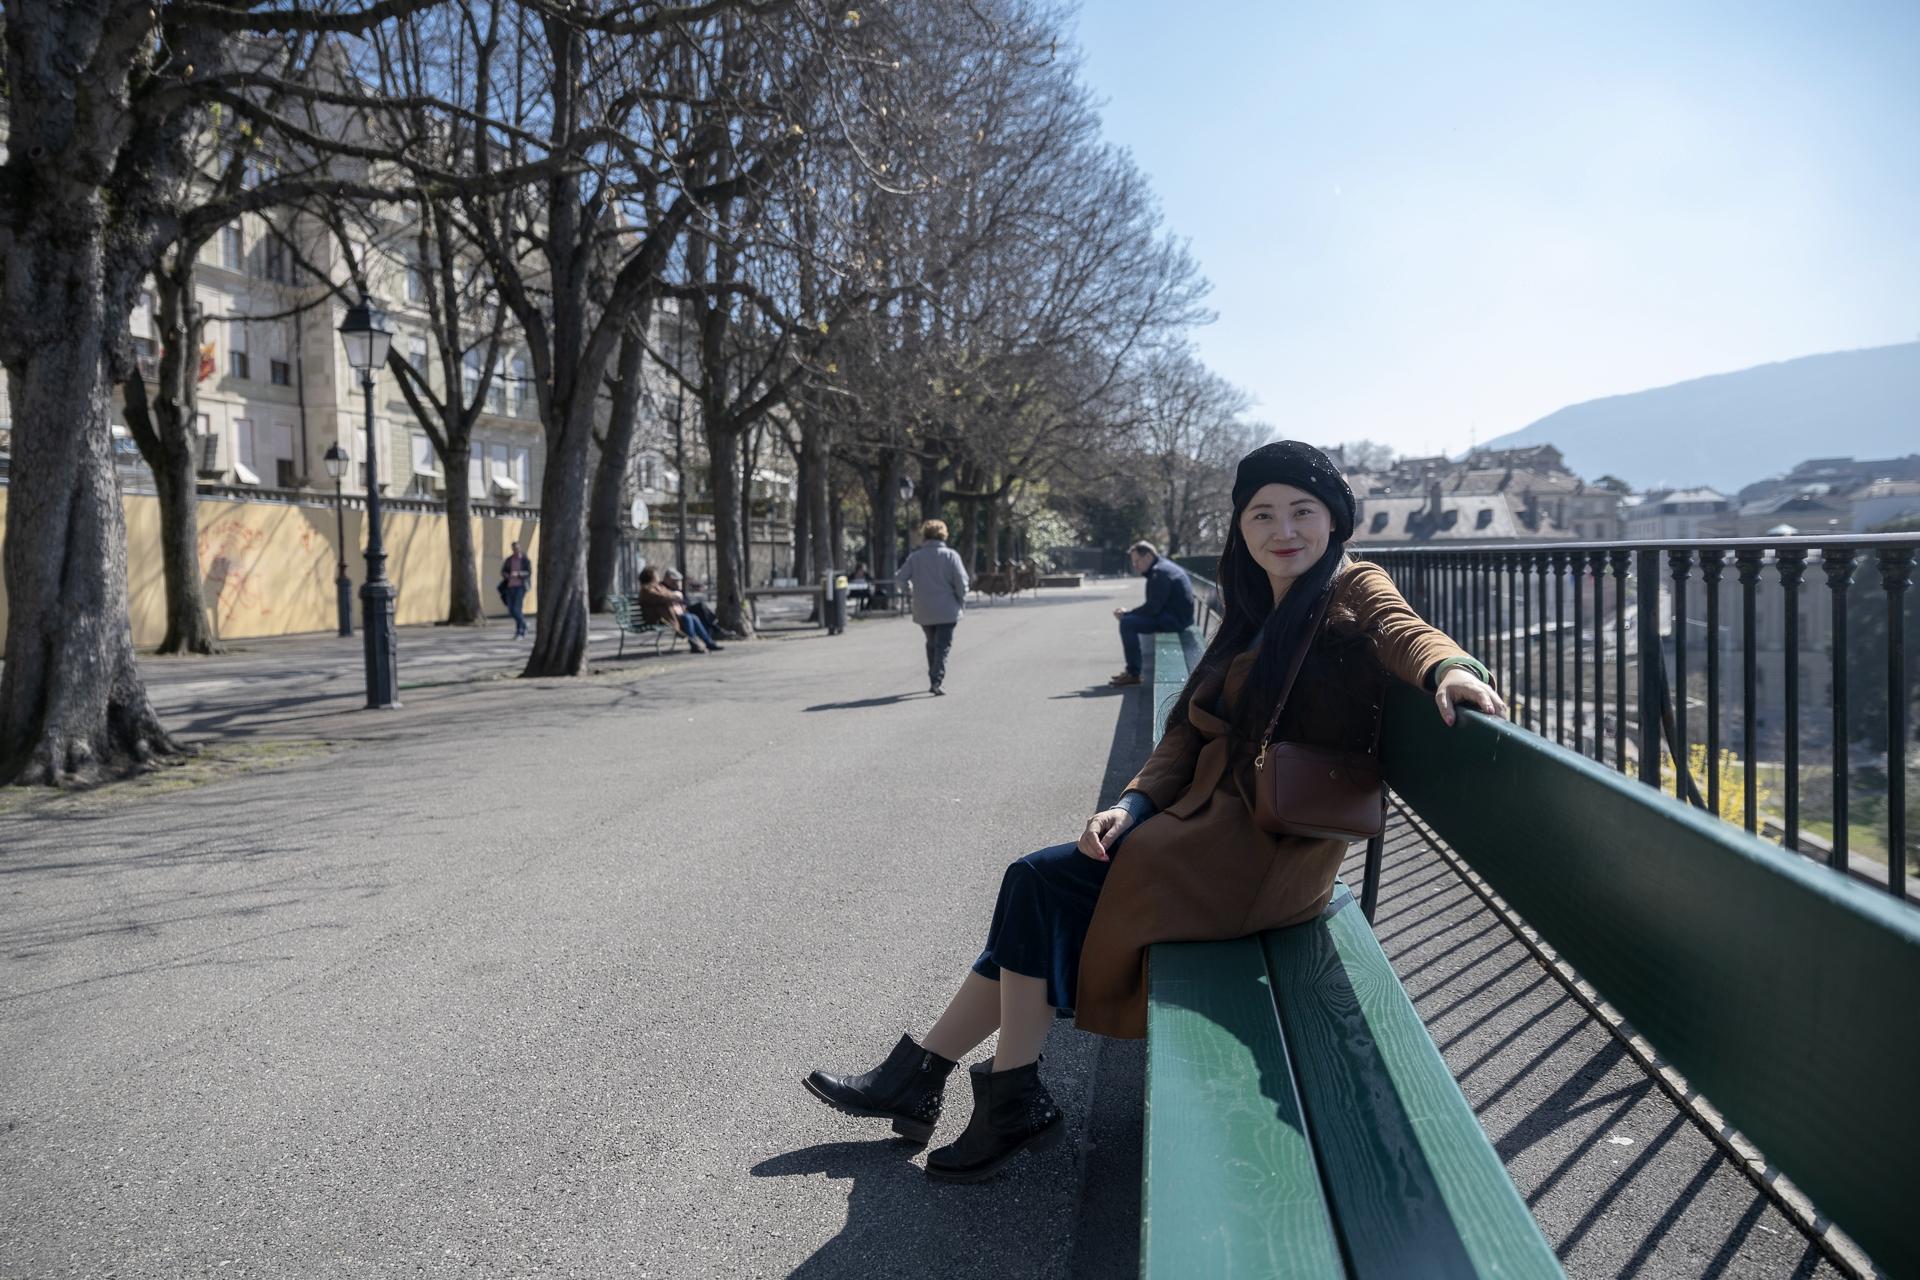 相聚瑞士 毕业十年后的闺蜜游